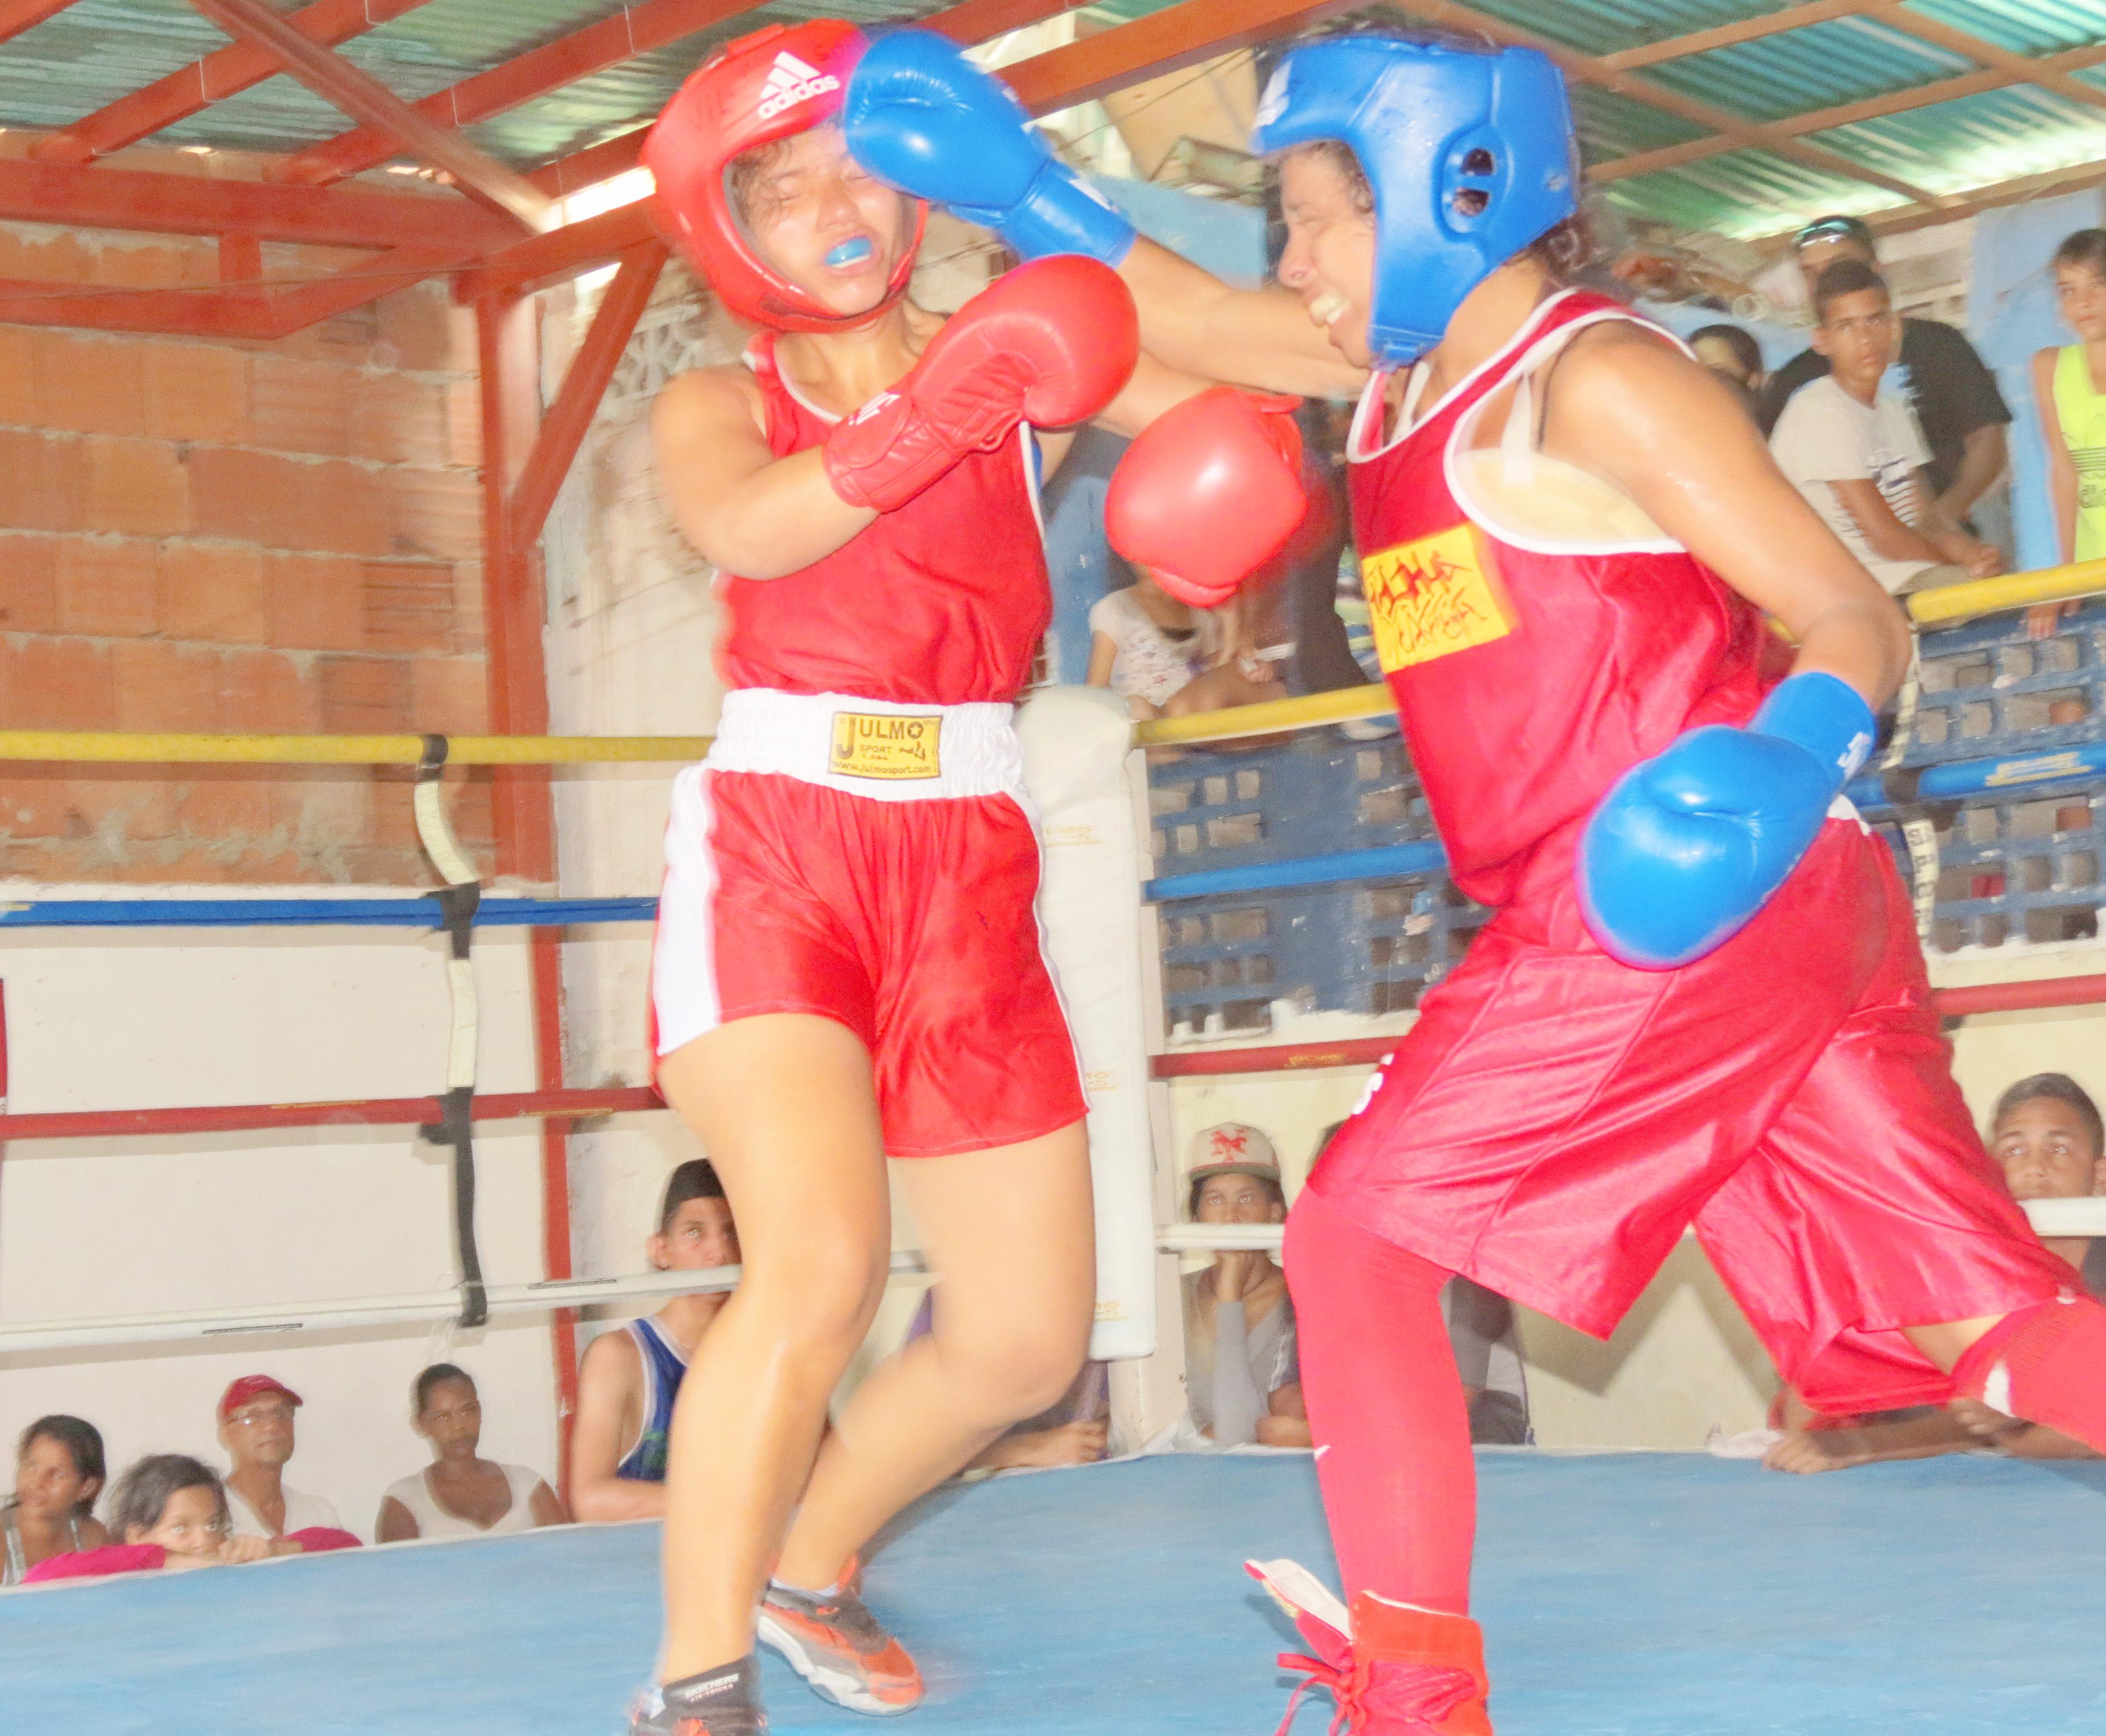 Aso-boxeo realizó cartelera en La Bloquera